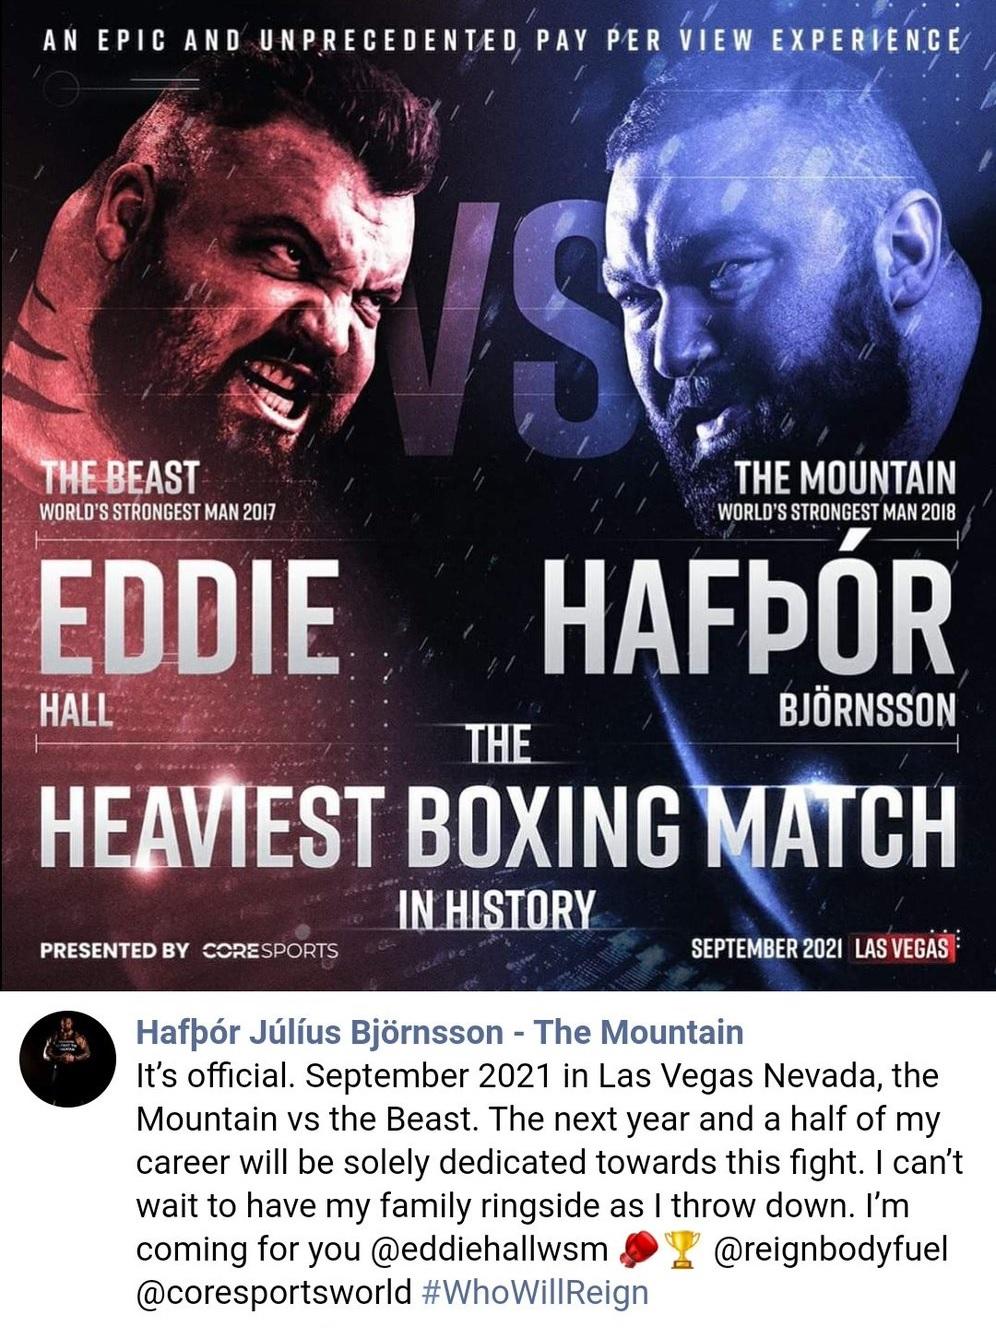 La Montaña y La Bestia: Los dos hombres más fuertes del mundo se han retado a un combate de boxeo